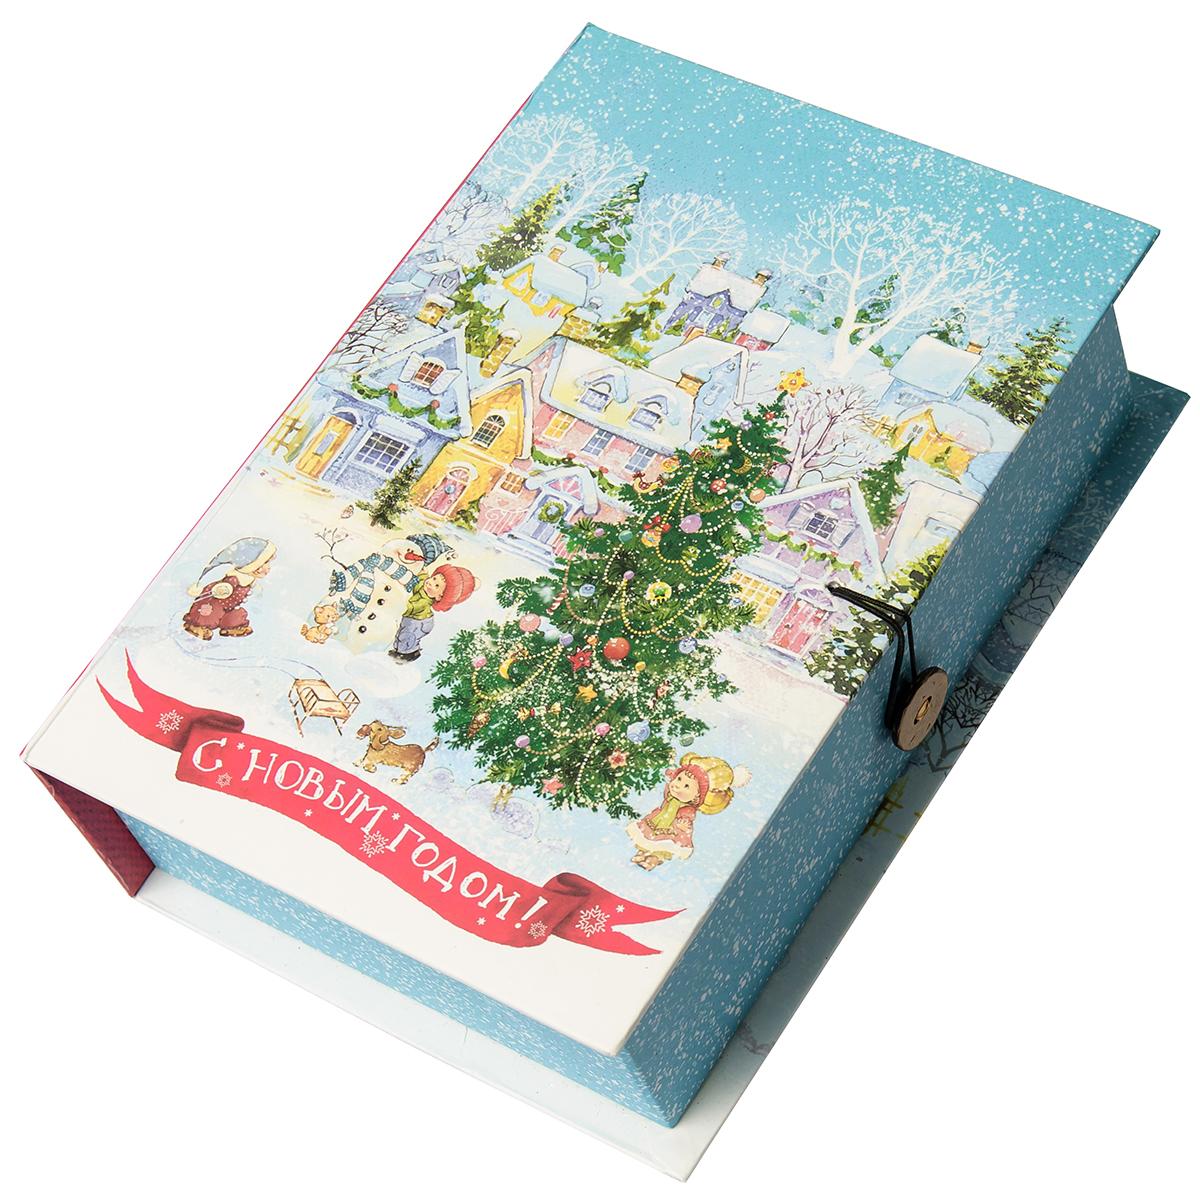 Коробка подарочная Magic Time Новогодняя площадь, размер S. 7504075040Подарочная коробка Magic Time, выполненная из мелованного, ламинированного картона, закрывается на пуговицу. Крышка оформлена декоративным рисунком. Подарочная коробка - это наилучшее решение, если вы хотите порадовать ваших близких и создать праздничное настроение, ведь подарок, преподнесенный в оригинальной упаковке, всегда будет самым эффектным и запоминающимся. Окружите близких людей вниманием и заботой, вручив презент в нарядном, праздничном оформлении.Плотность картона: 1100 г/м2.